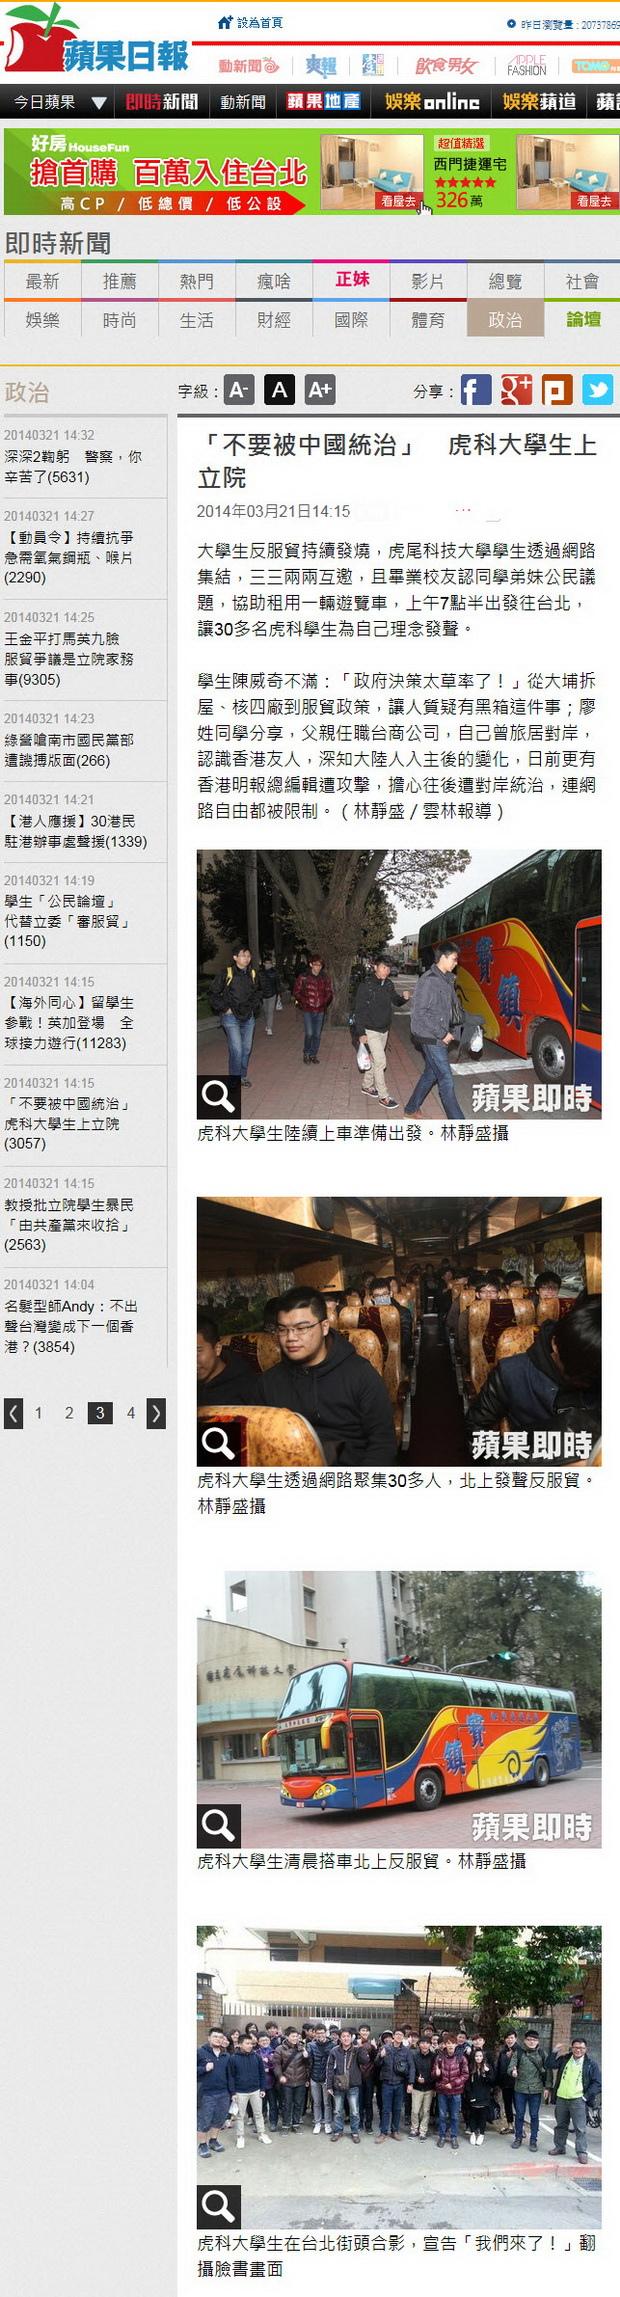 「不要被中國統治」虎科大學生上立院-2014.03.21.jpg